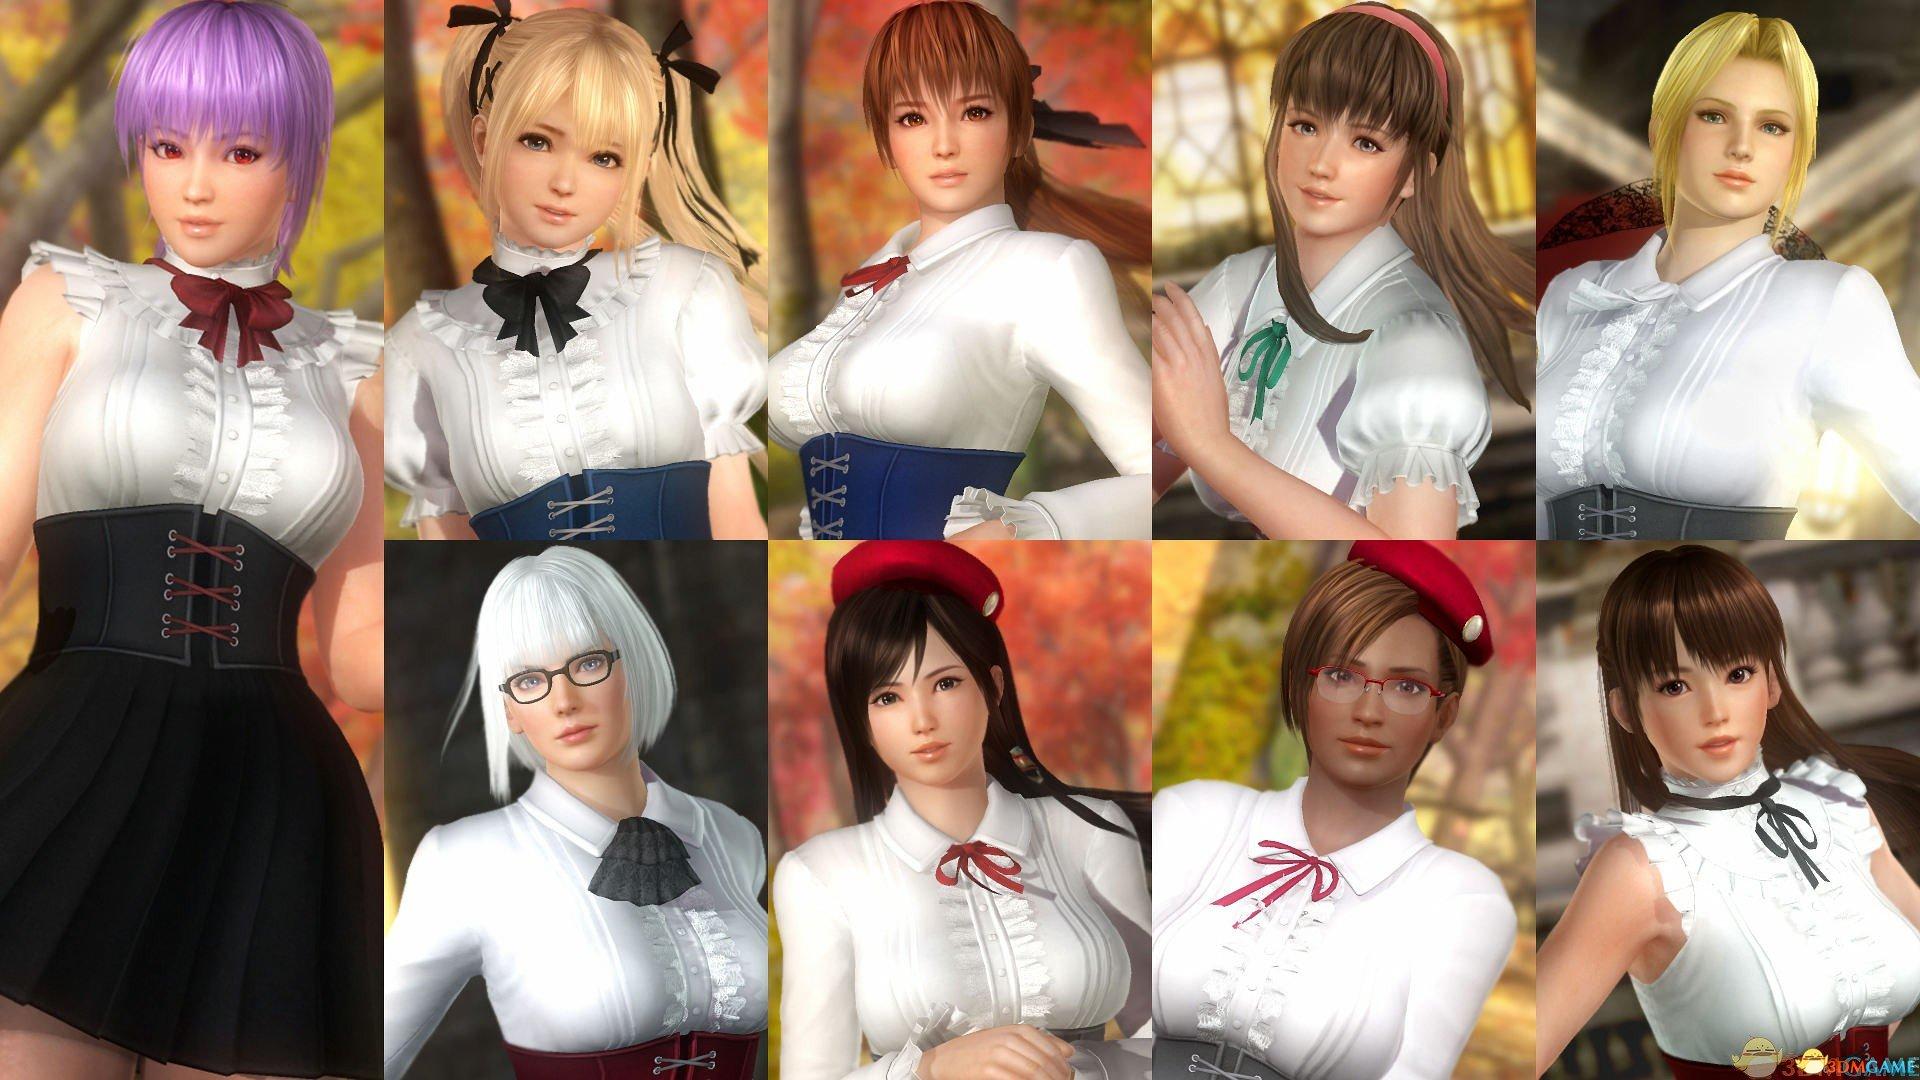 对象角色   霞,绫音,心,瞳,丽凤,蒂娜,la mariposa(里莎),海莲娜